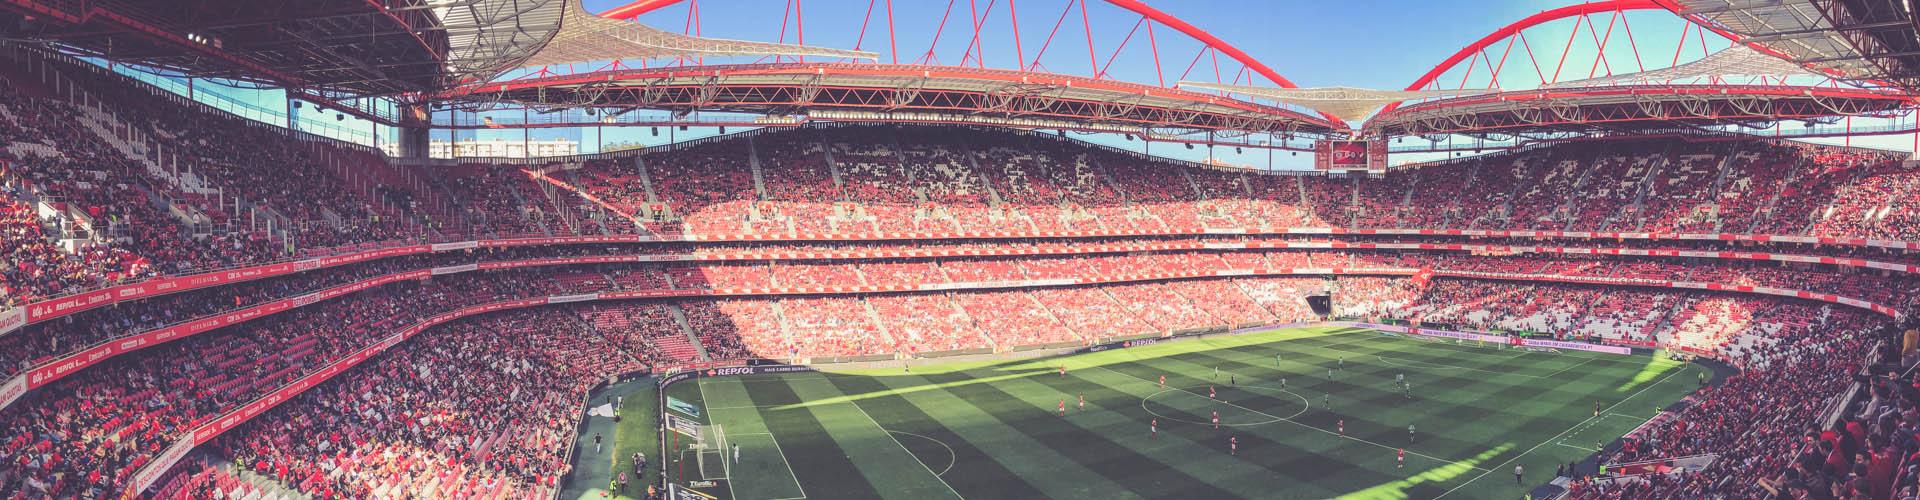 Estádio da Luz, Lissabon - Panorama